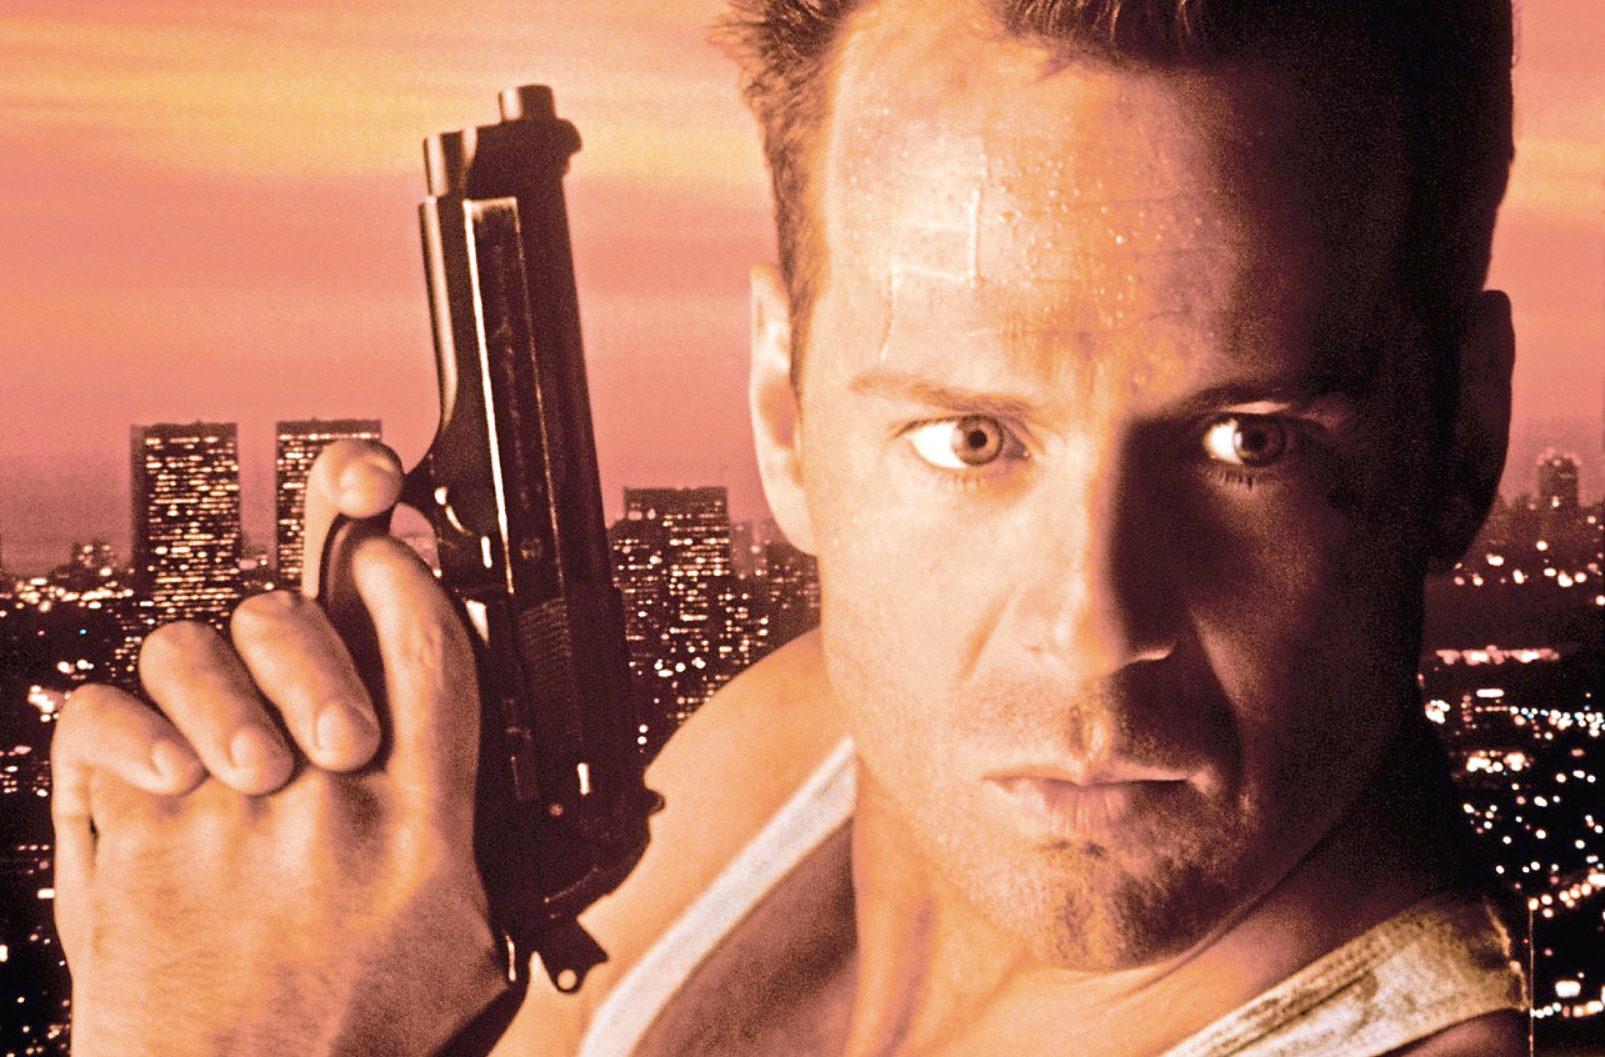 Bruce Willis in Die Hard (Allstar/20TH CENTURY FOX)